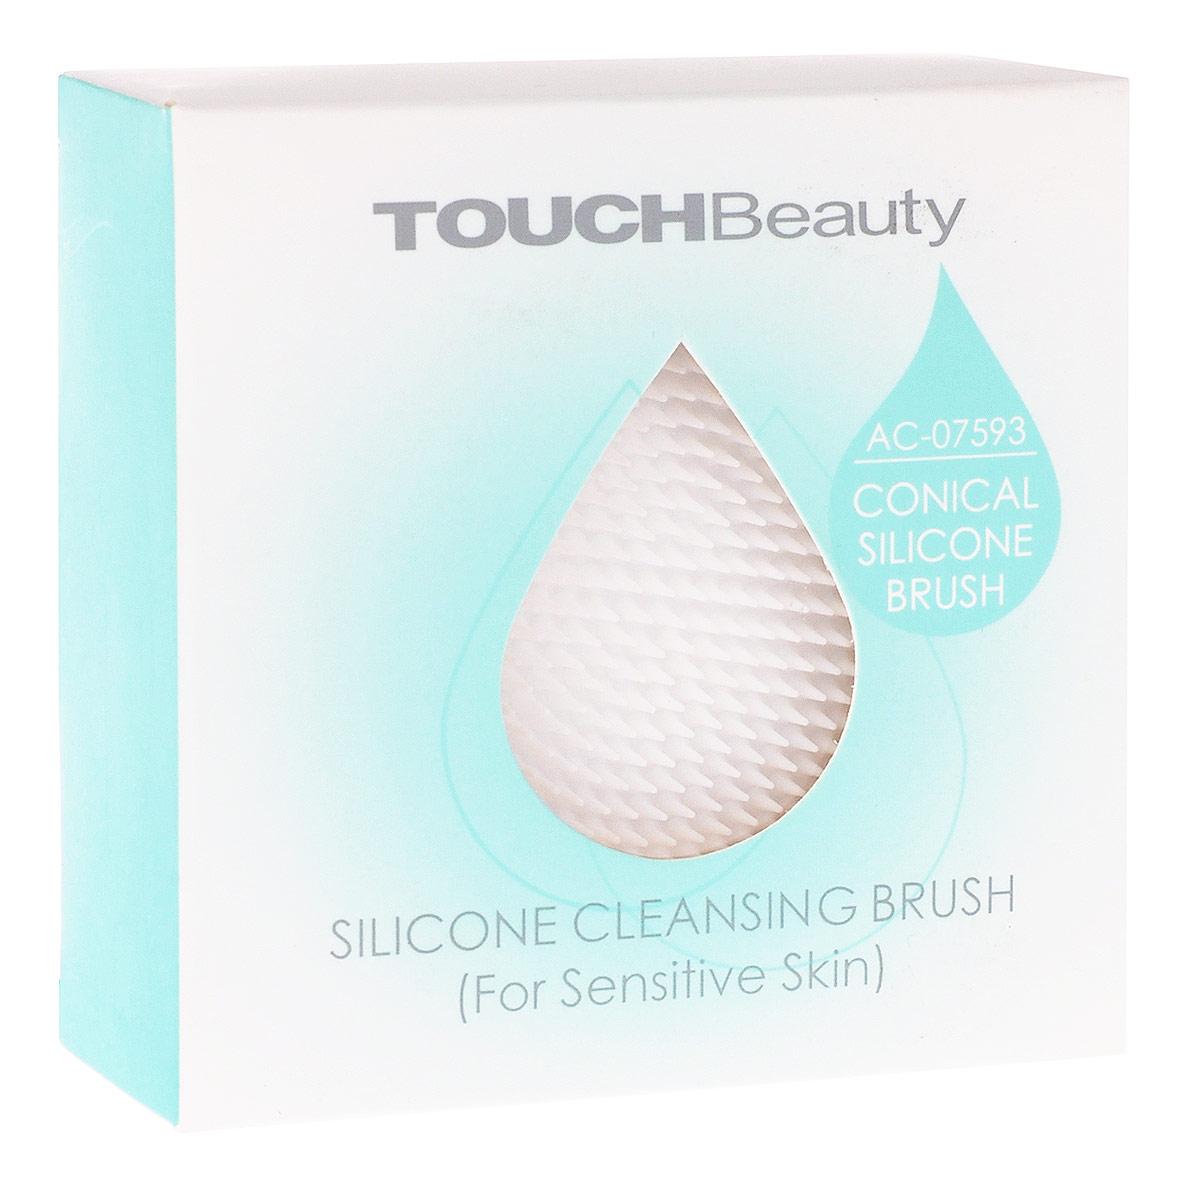 Touchbeauty Запасная щетка к приборам для очищения кожи при умывании AC-07593